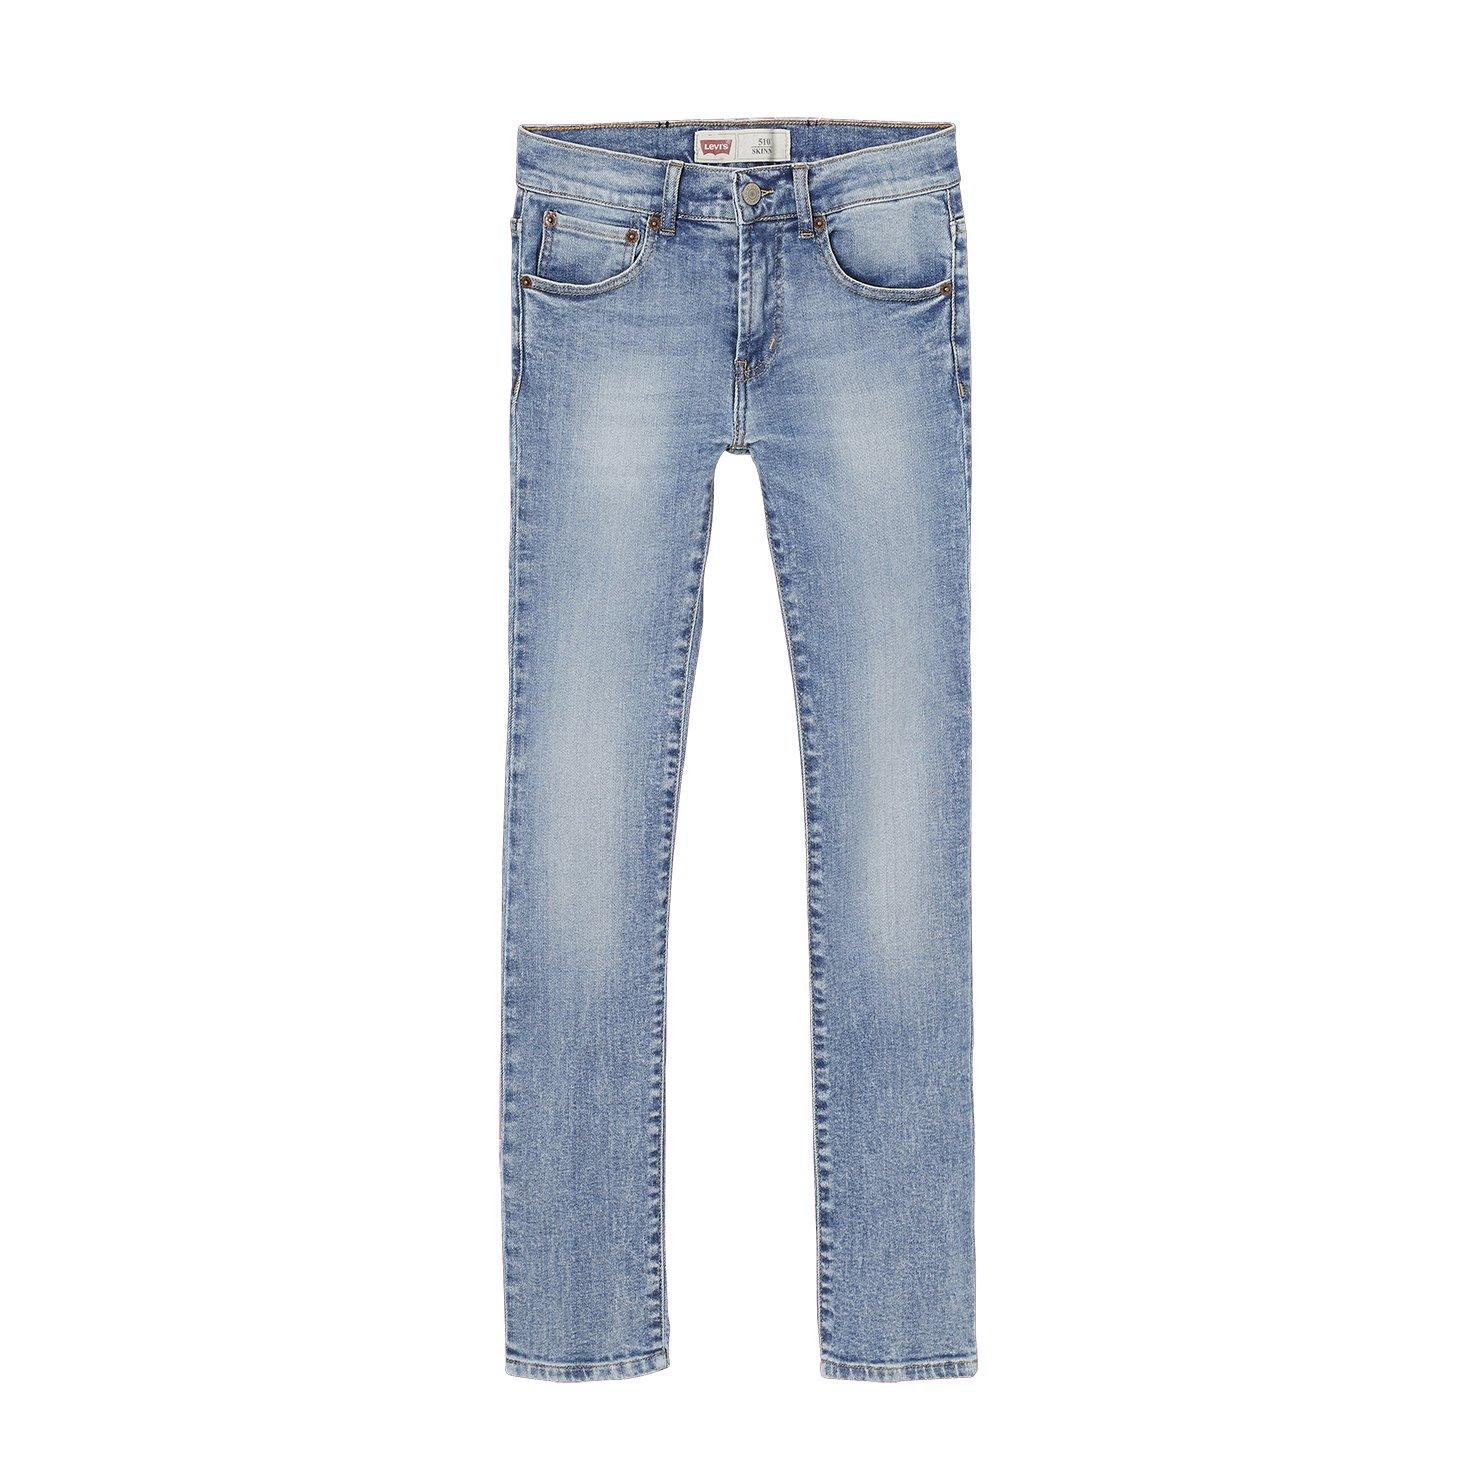 Levi's Pant 510, Pantaloni Bambino MainApps Levi' s Pant 510 Levi' s Kids NL22147